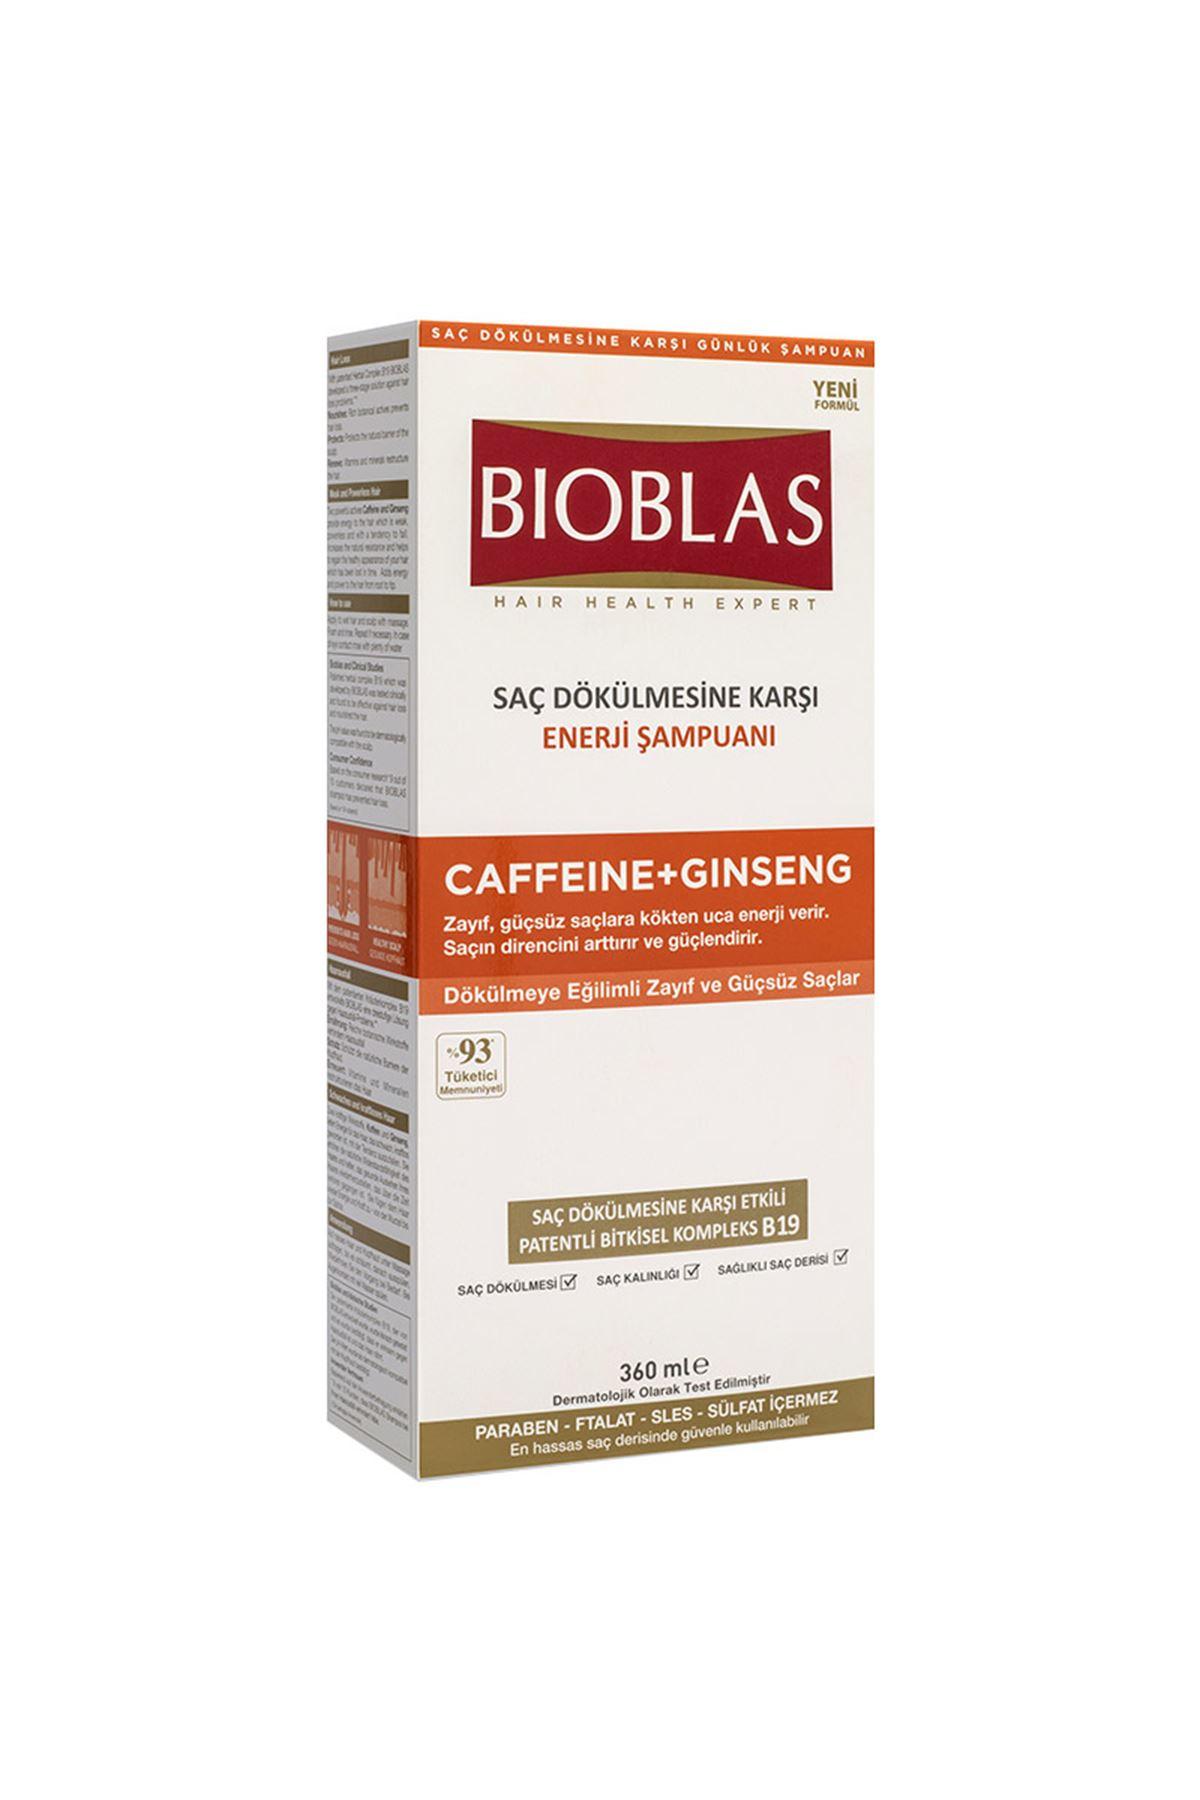 Bioblas Saç Dökülmesine Karşı Enerji Şampuanı Caffeine + Ginseng 360 ML